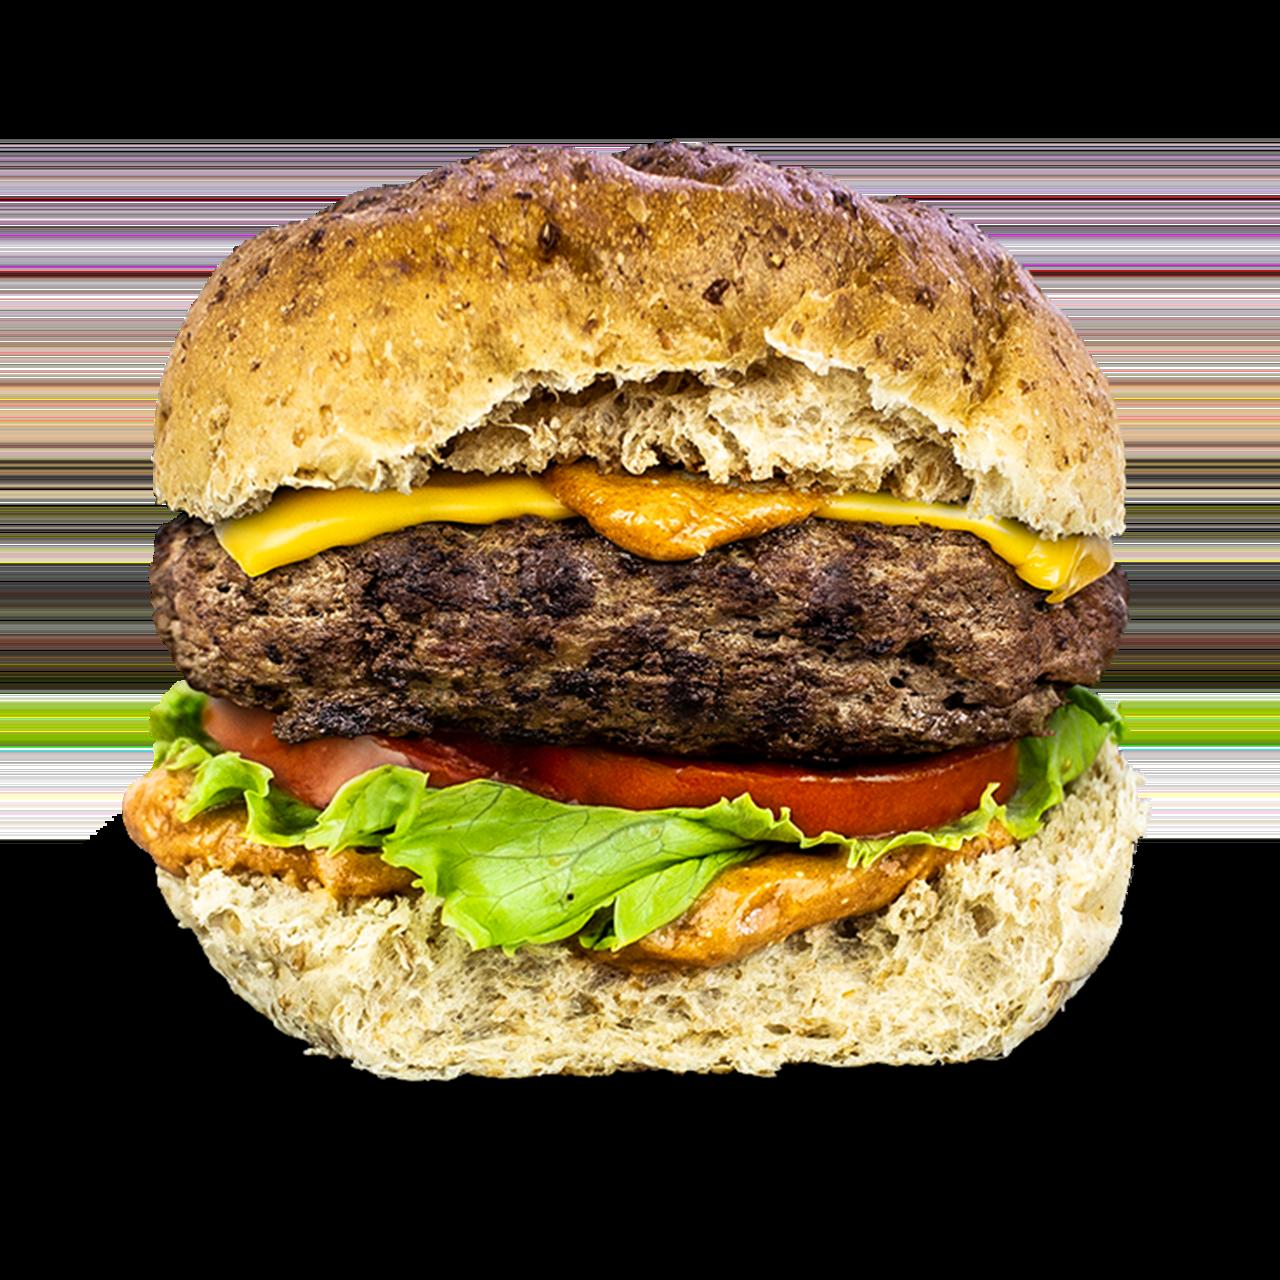 tostibanaan-broodje-hamburger